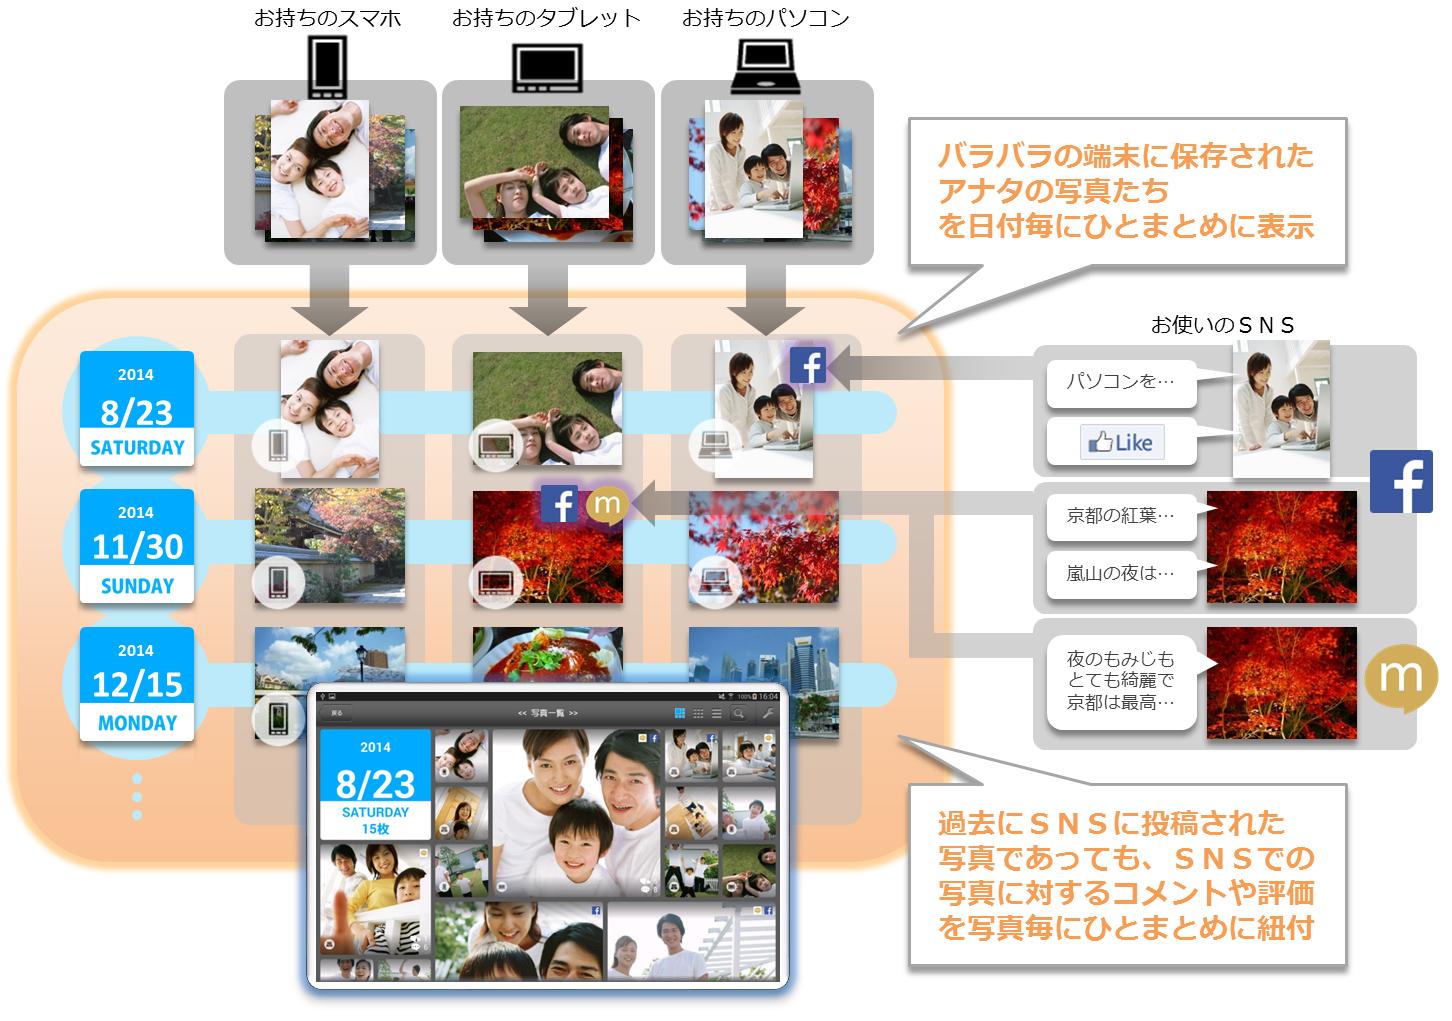 「PiCloset(ピクローゼット)」を iPhone、iPad向けにも無料提供開始!